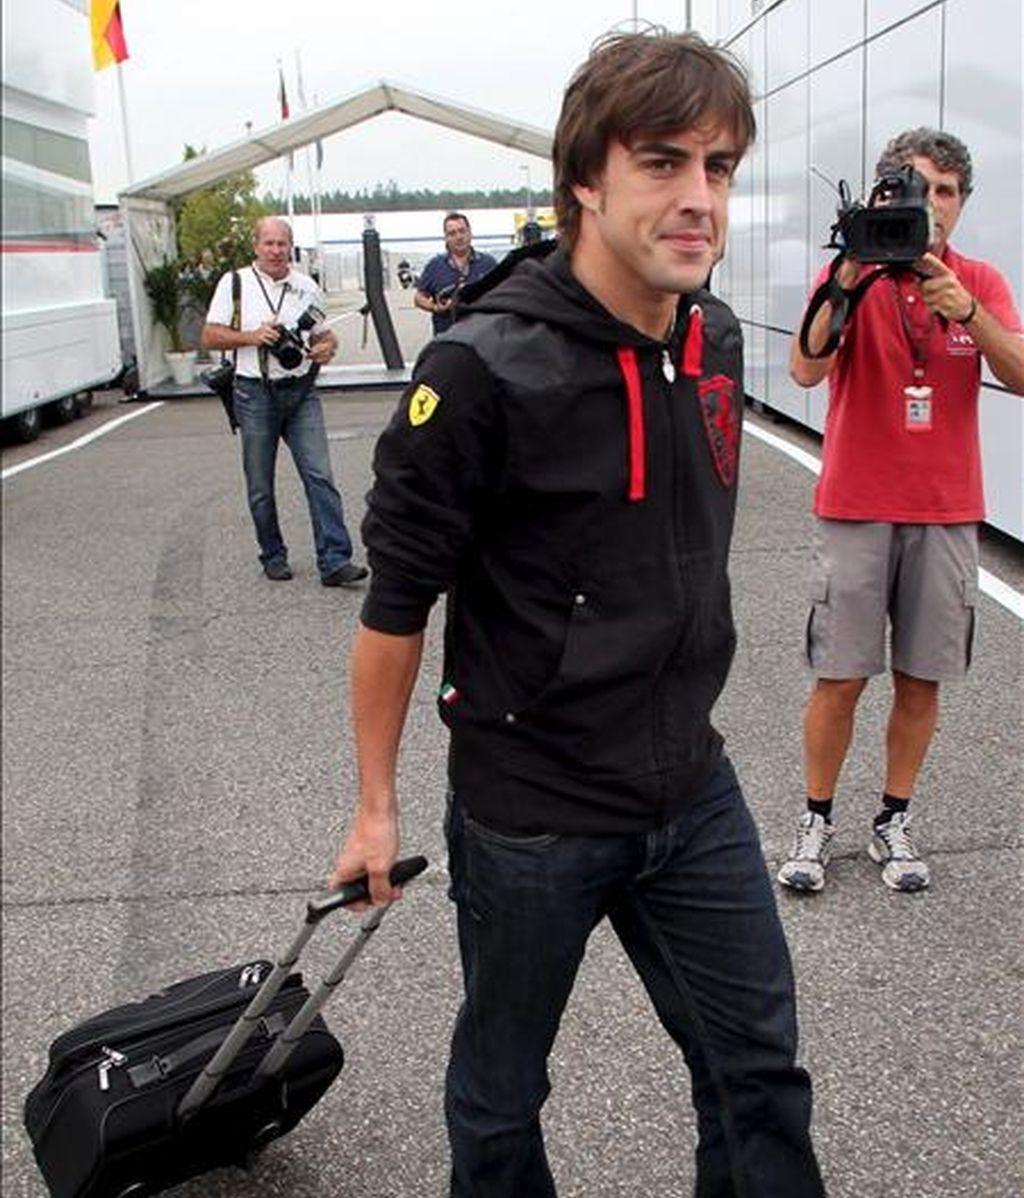 El piloto español de Fórmula Uno, Fernando Alonso. EFE/Archivo